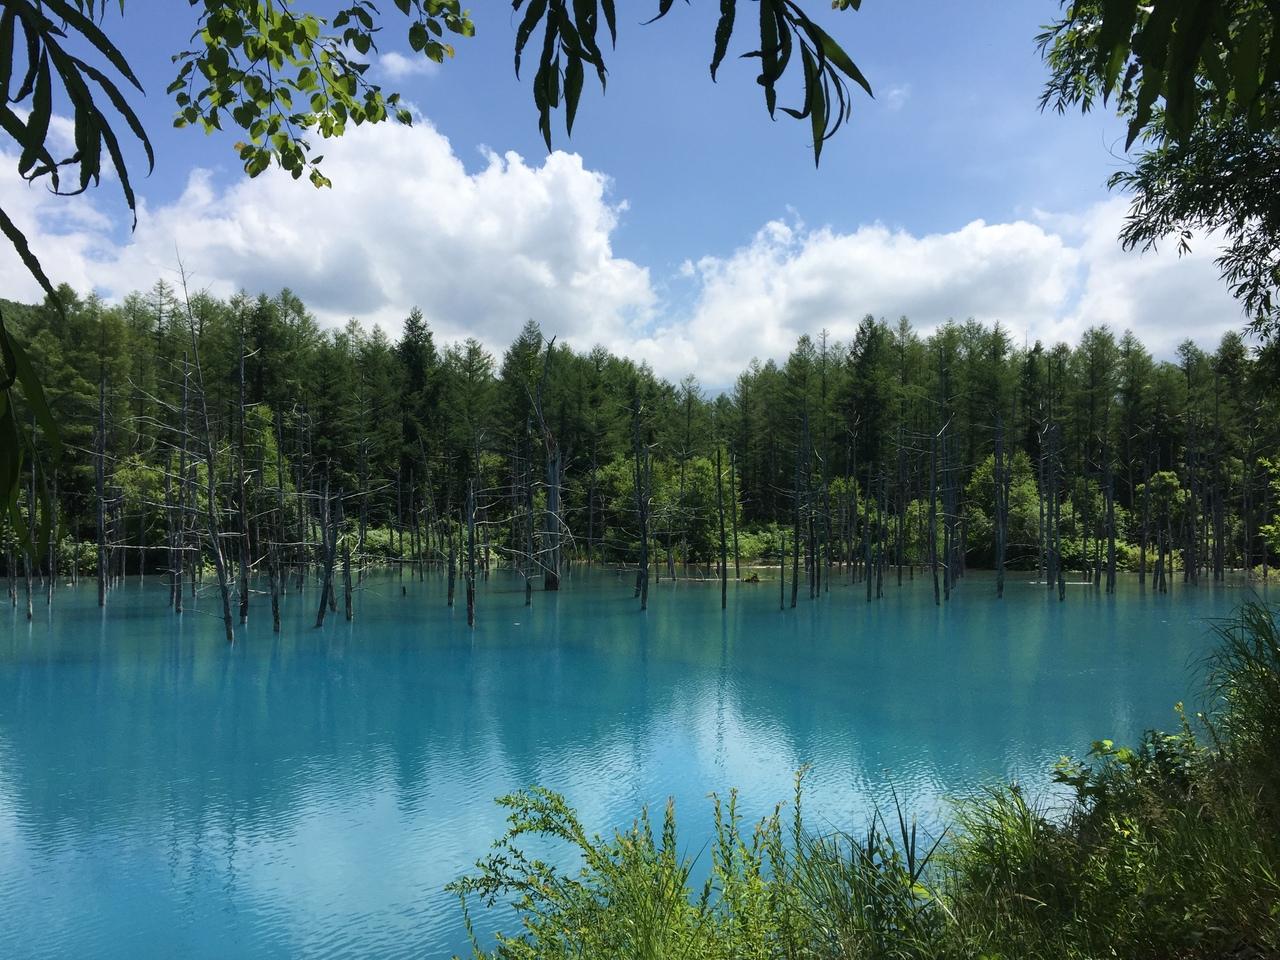 再訪 パワースポット 美し過ぎた青い池と美瑛神社とポケモンgo 美瑛